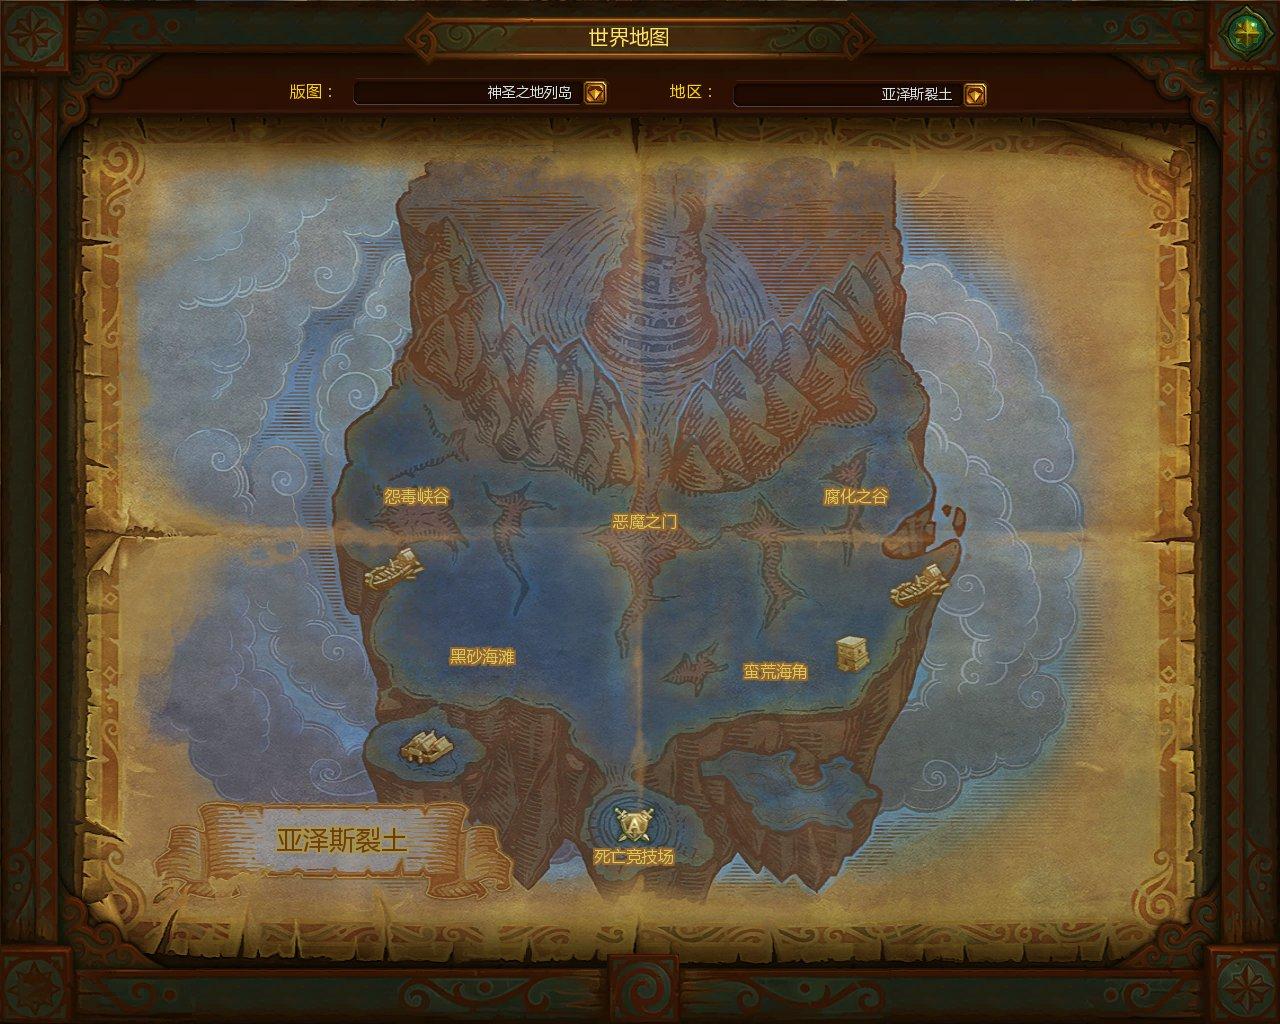 《巫师之怒》游戏资料-游戏地图:亚泽斯裂土